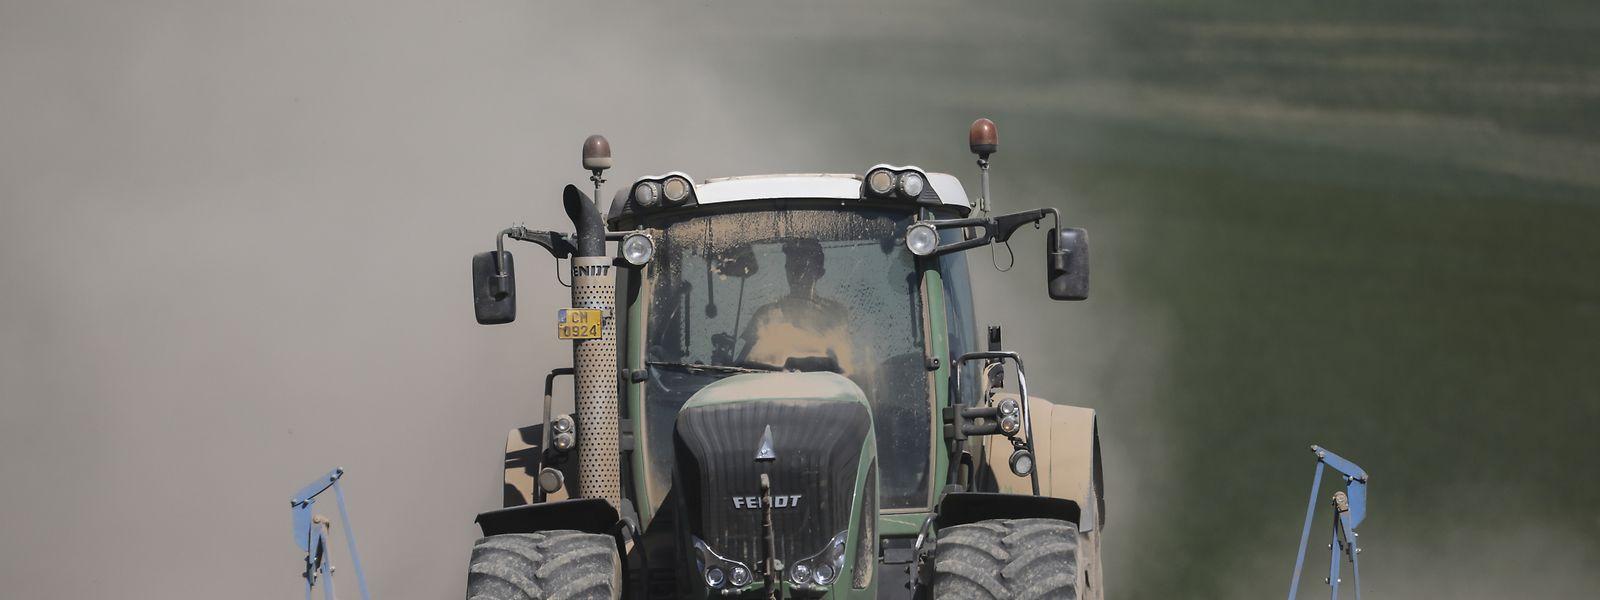 Bis zum 1. Januar 2023 wird sich für die Bauern bei der europäischen Subsidien-Politik wohl nichts ändern.